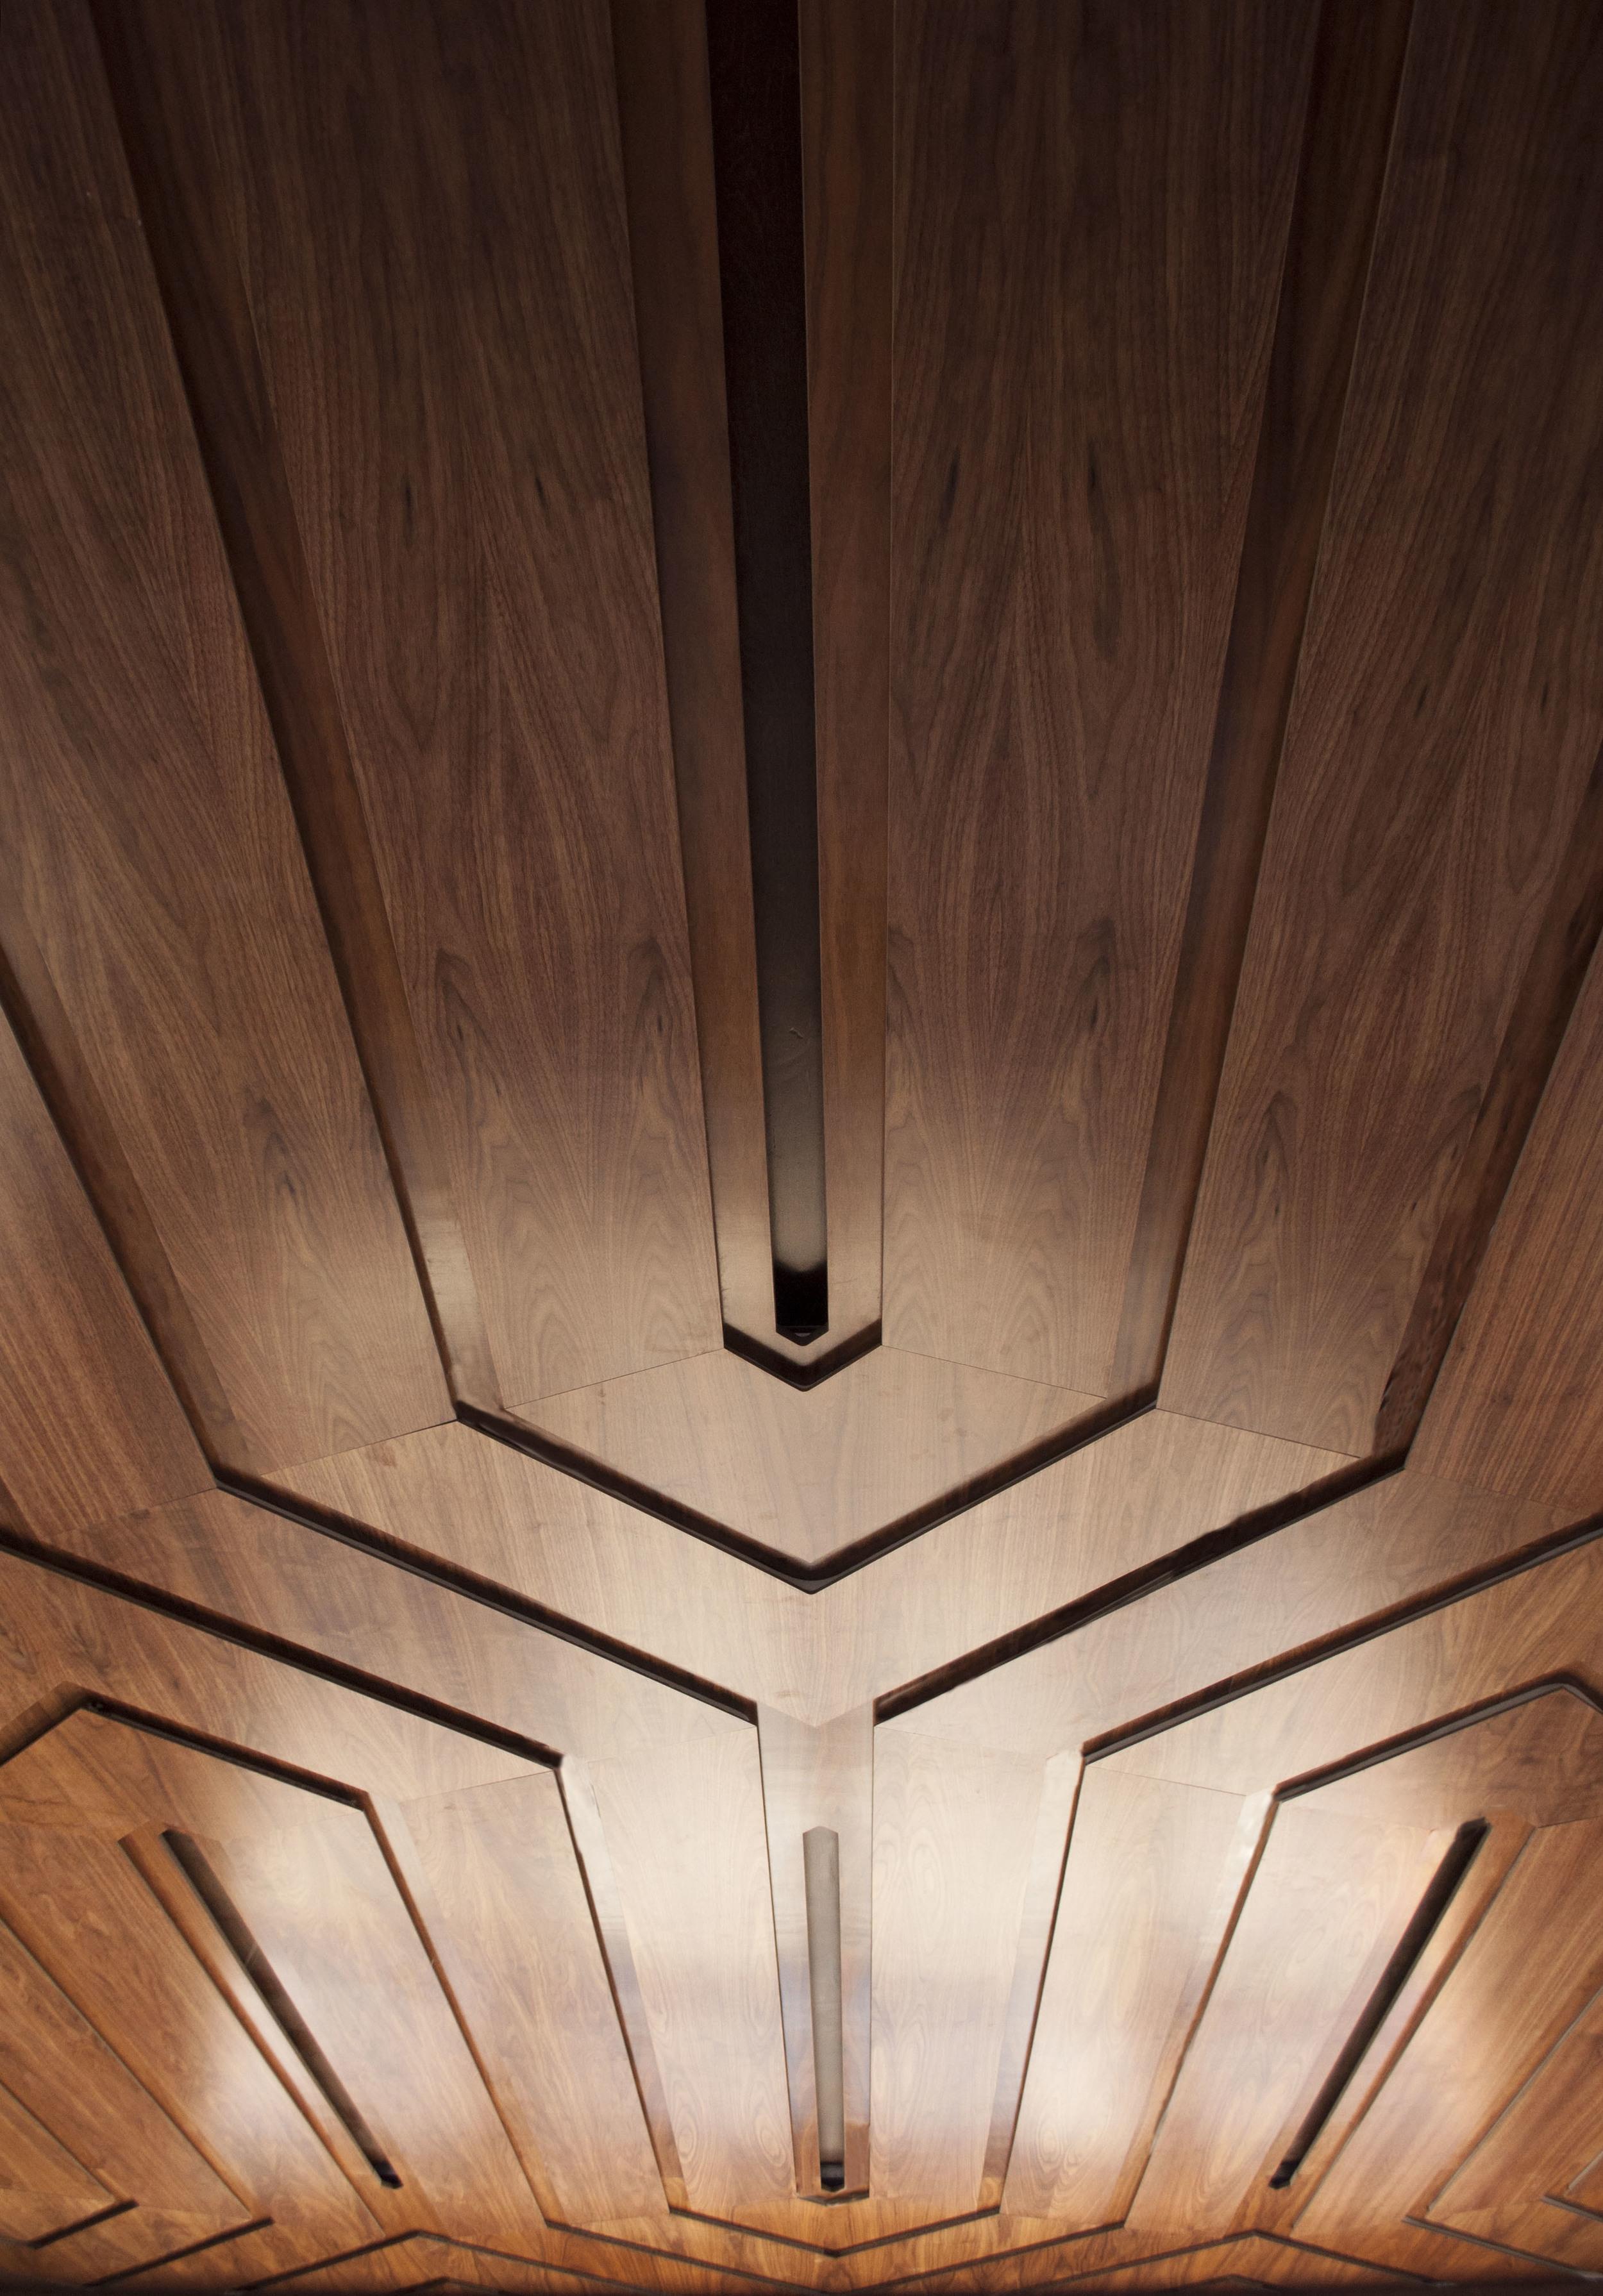 ceiling_detail.jpg